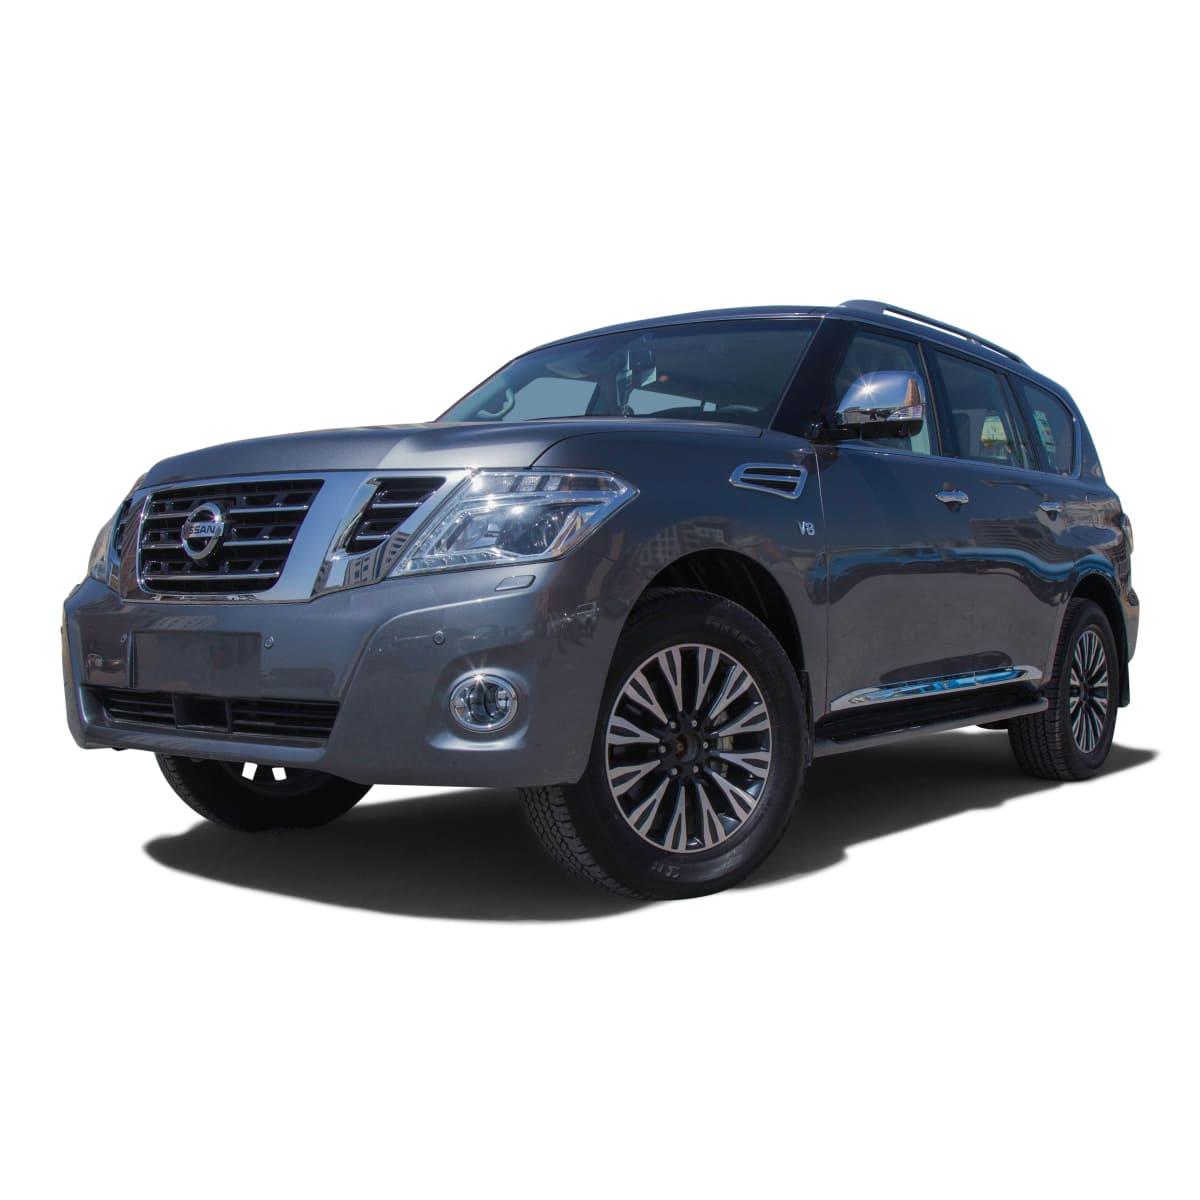 2018 Nissan Patrol Le Platinum City 5.6L